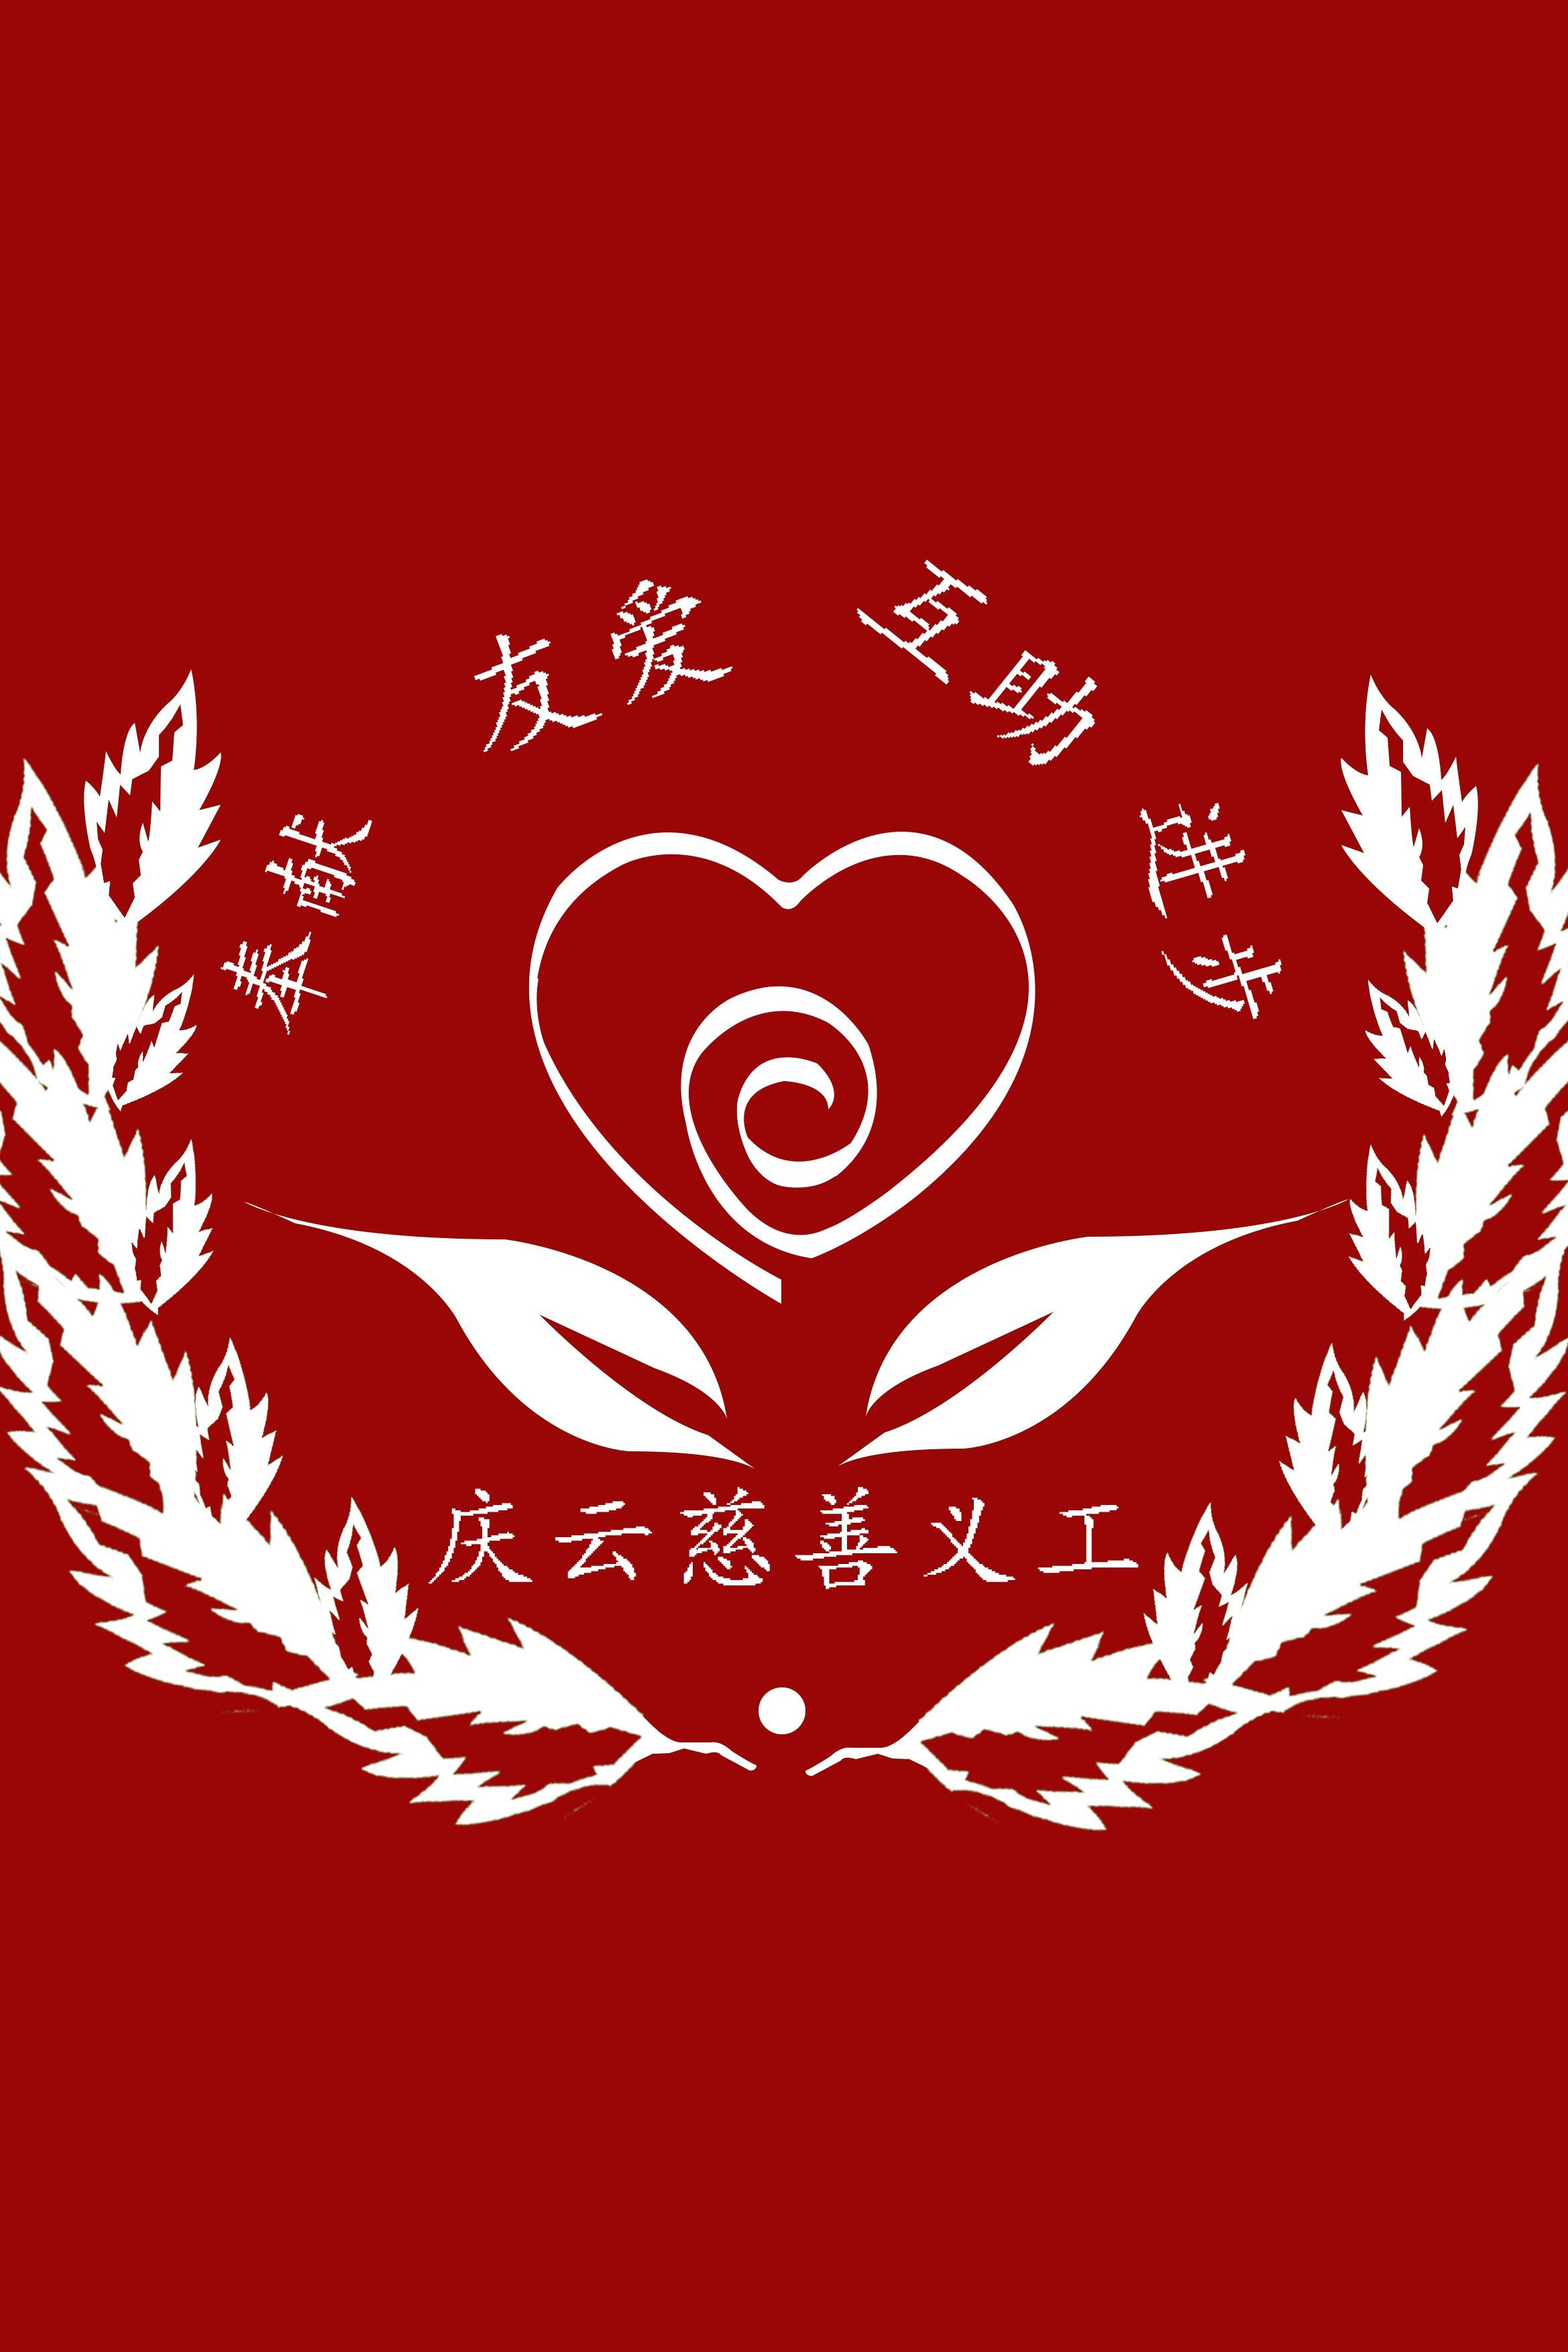 庆云慈善义工协会4月份第一次活动